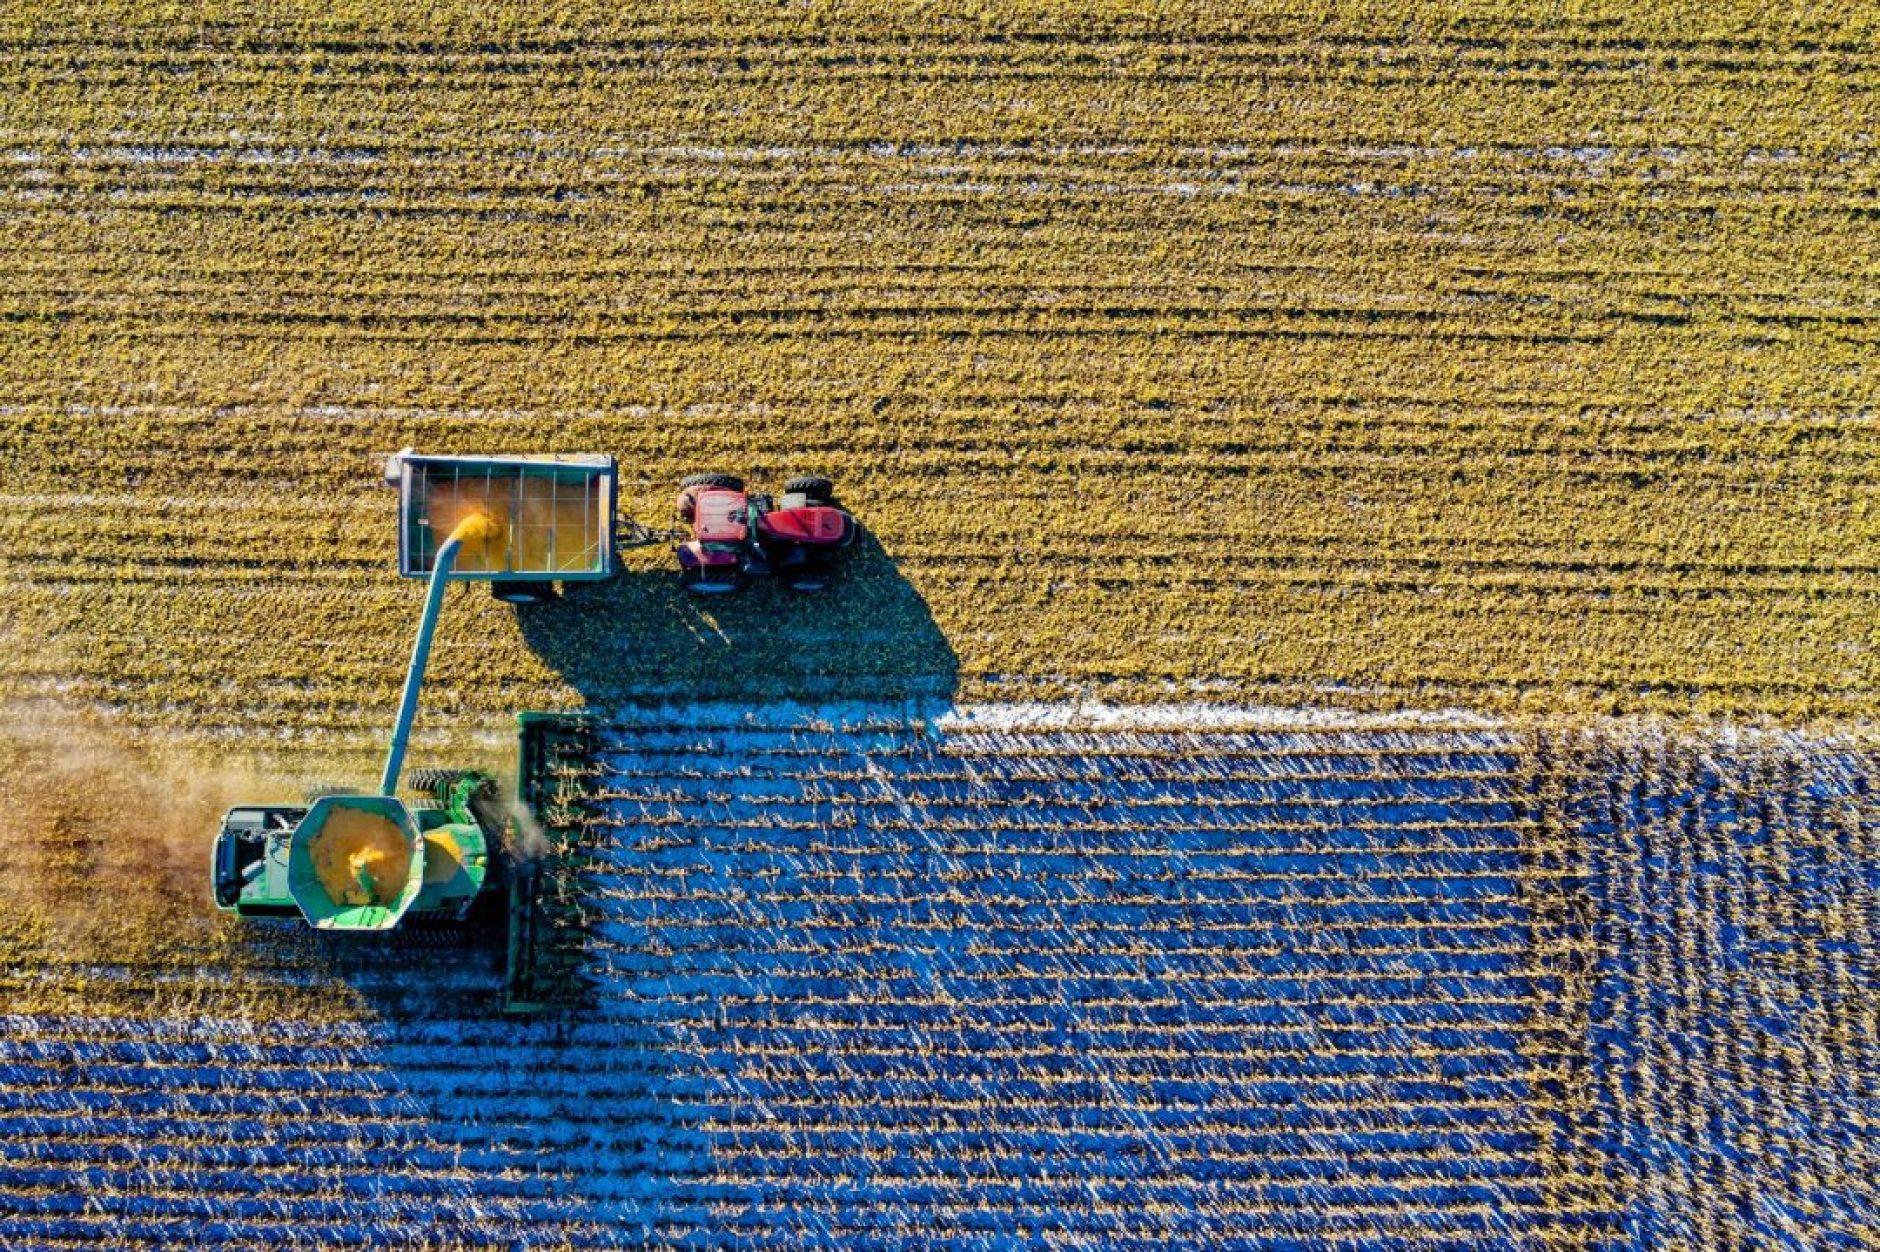 As perspectivas são otimistas e o Brasil já reúne mais de 135 empresas de desenvolvimento tecnológico direcionadas para o aprimoramento do agronegócio. Foto por Tom Fisk em Pexels.com